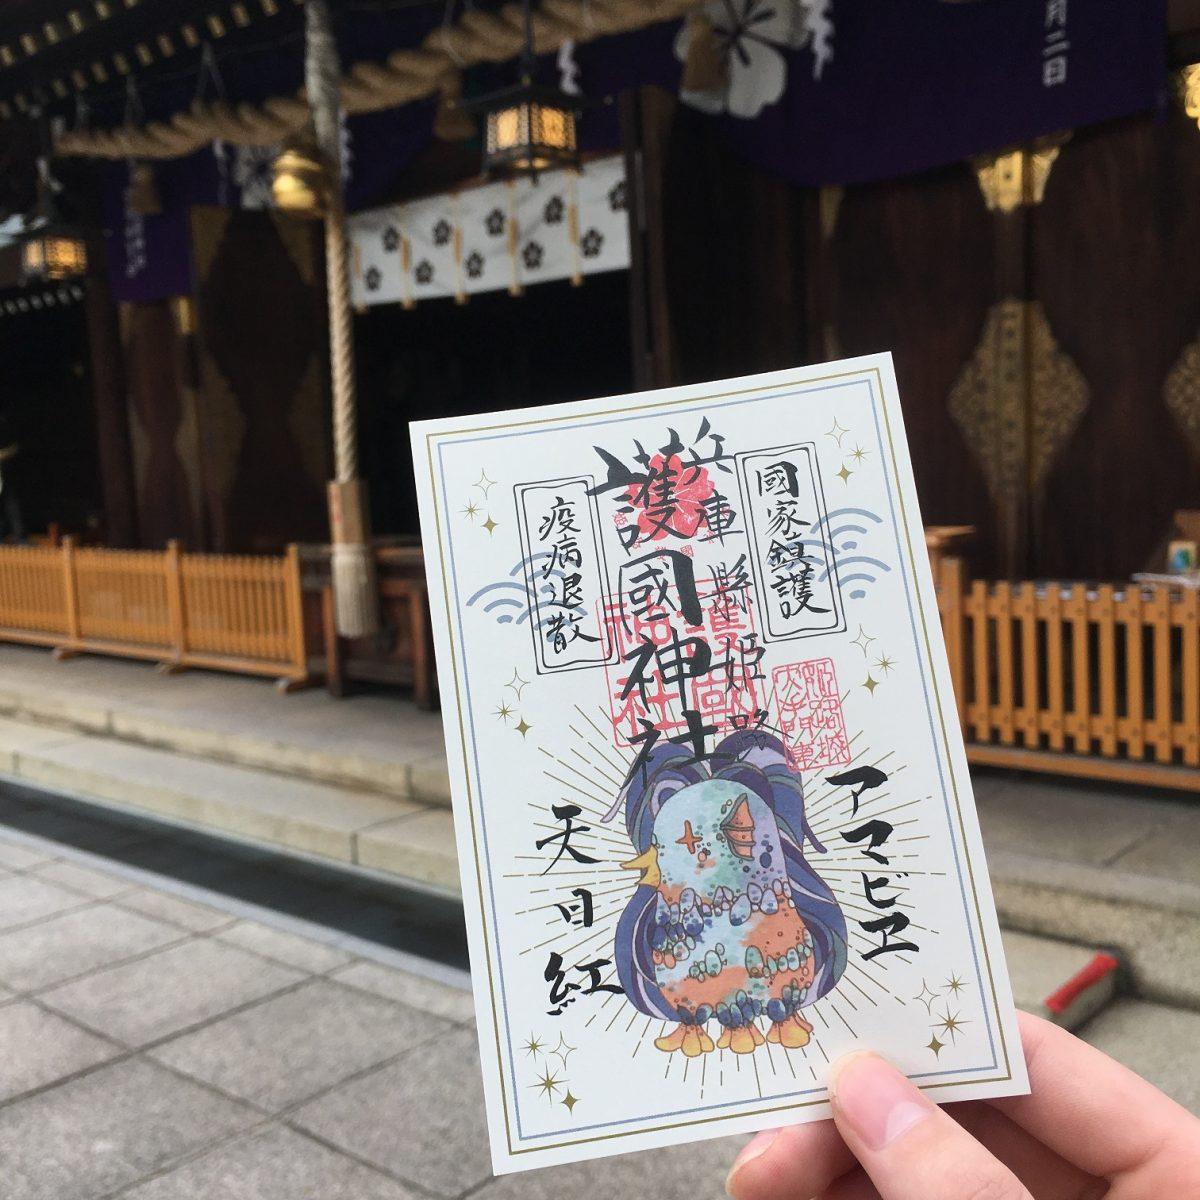 姫路護国神社(白鷺宮)|奇数日と偶数日で変わるアマビエ護符頒布